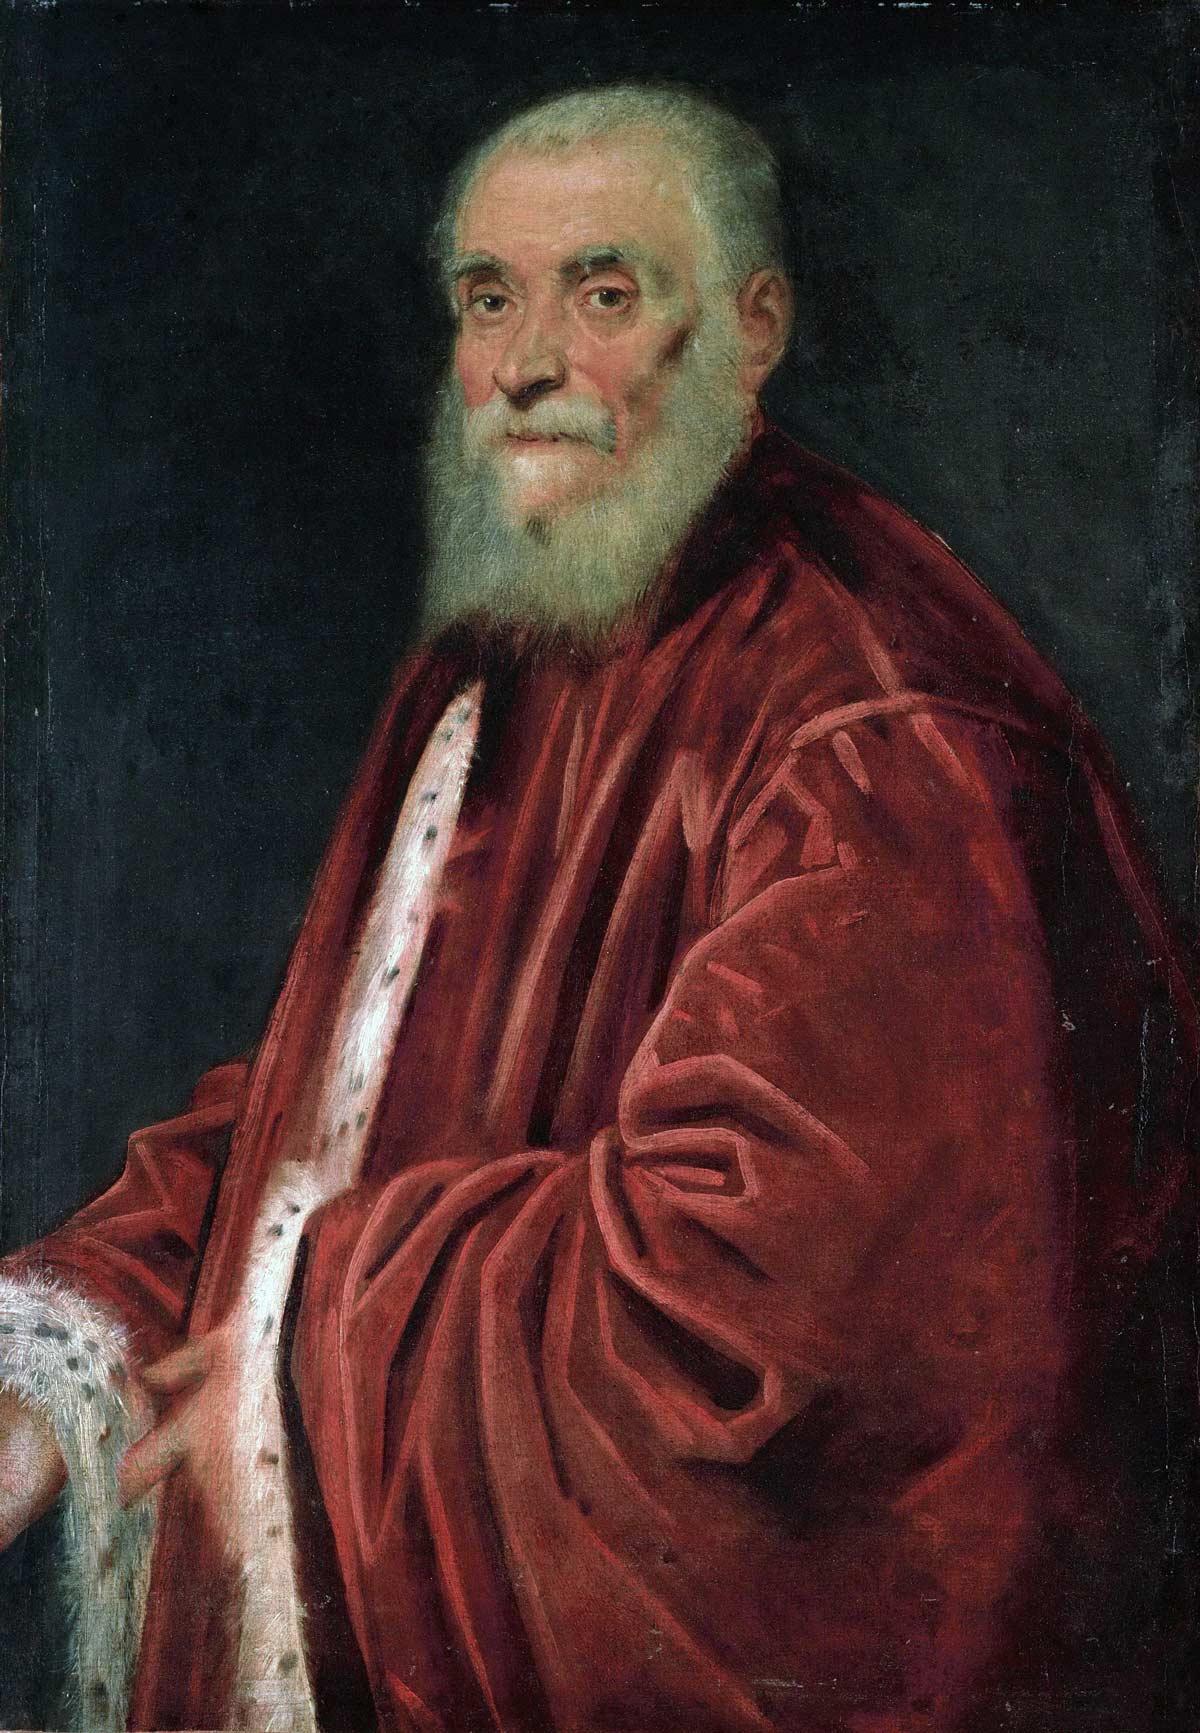 Tintoretto, o pintor de Veneza Artes & contextos Jacopo Tintoretto 036 el procurador marco